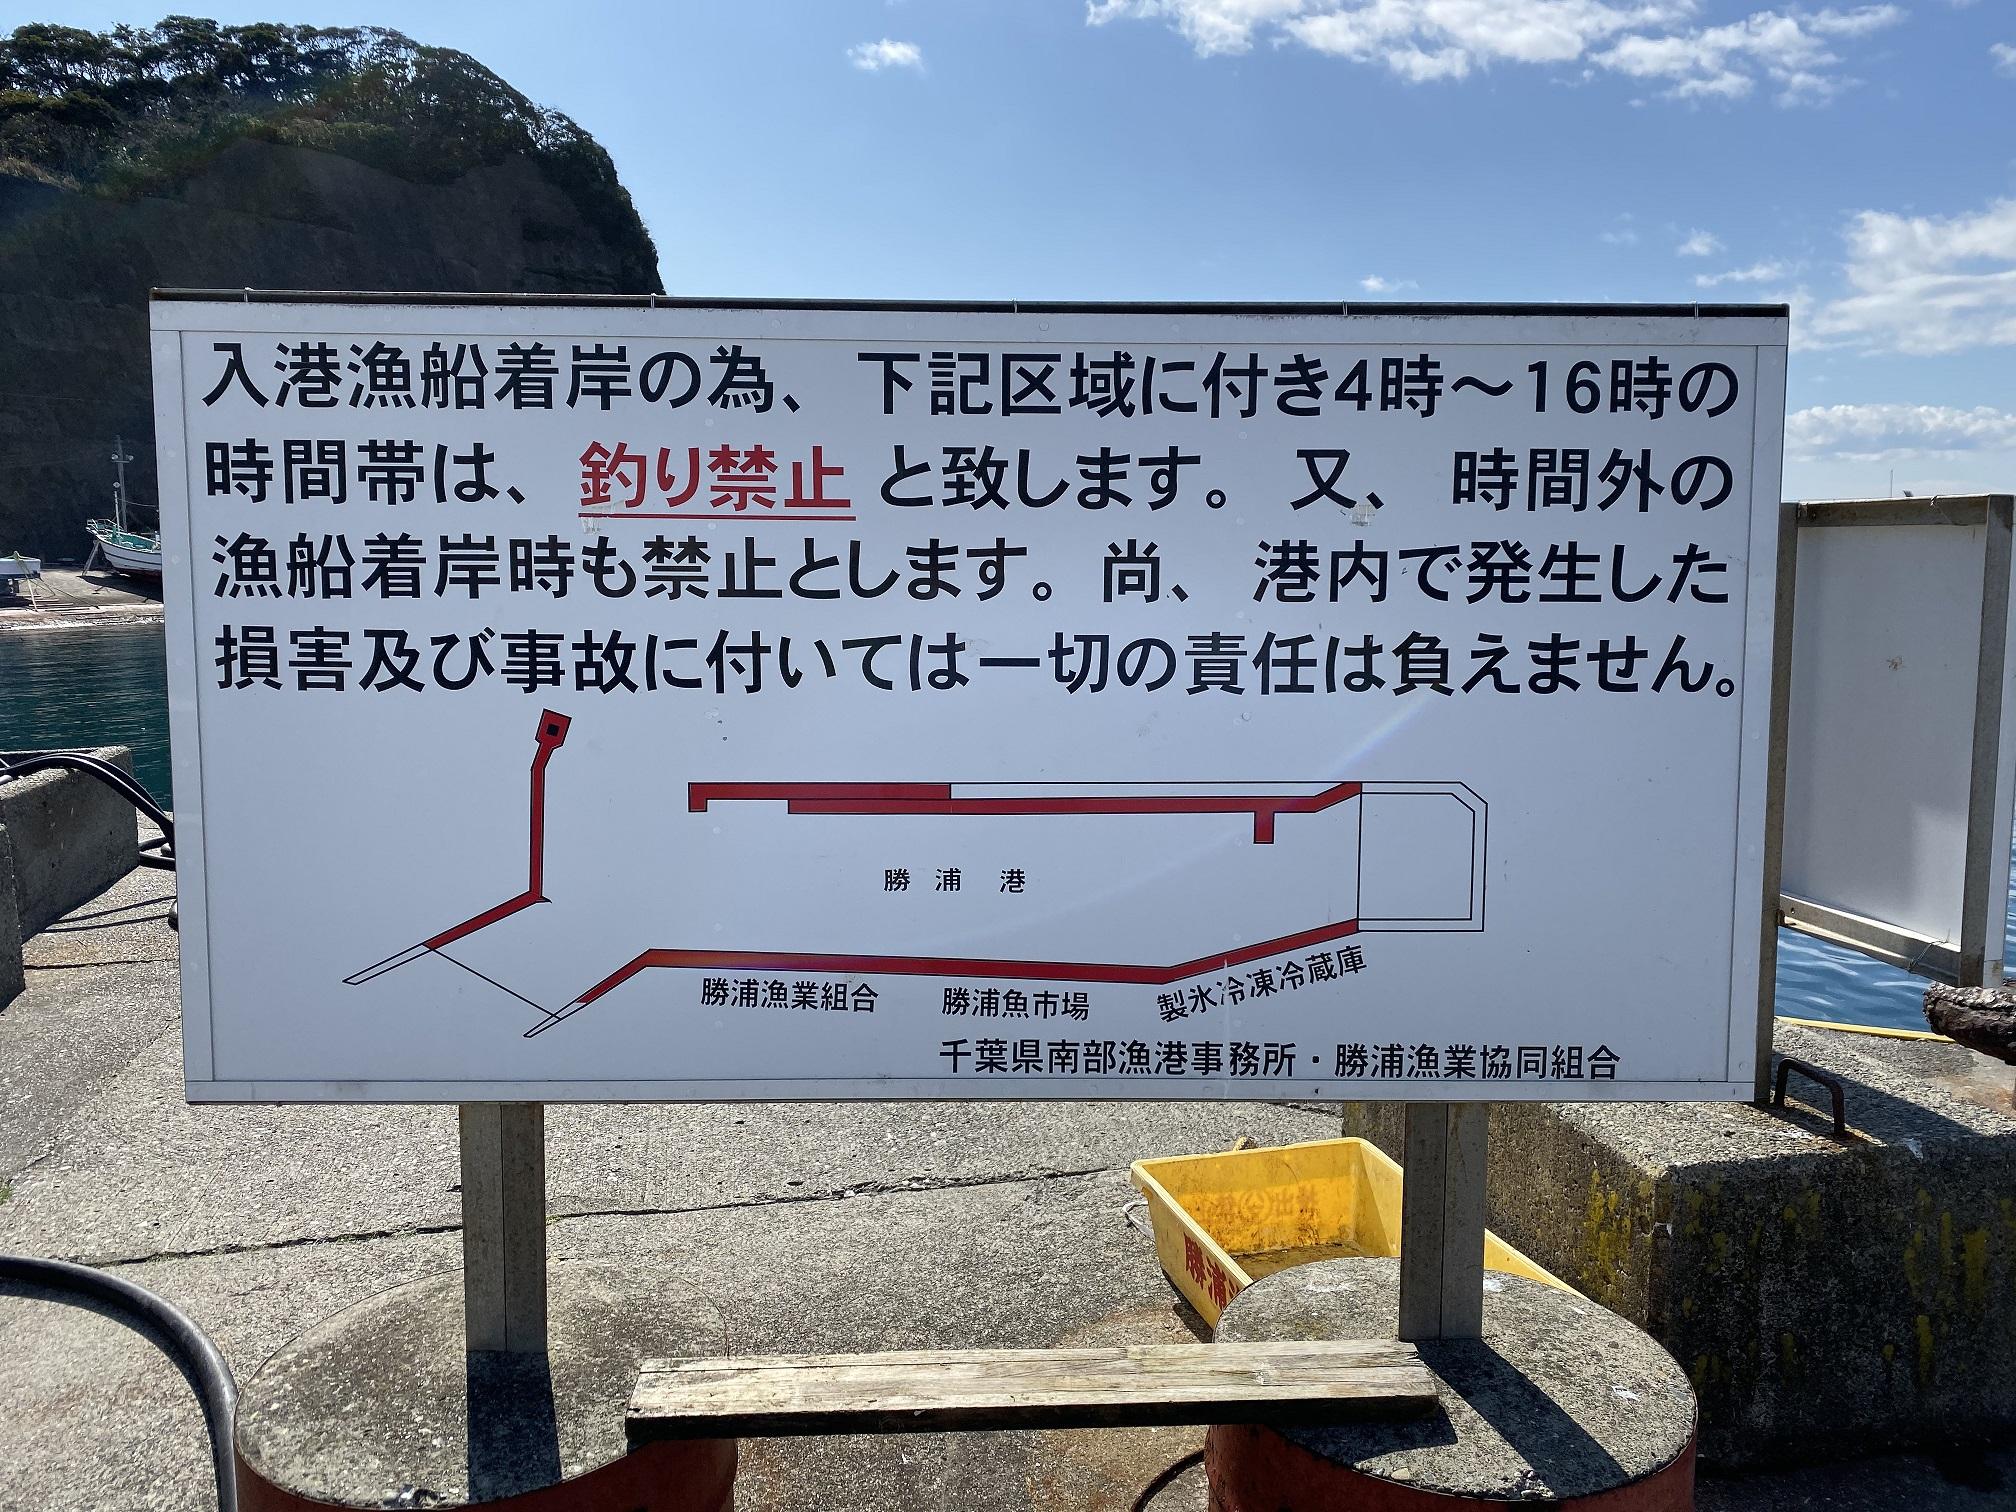 勝浦港 釣り禁止